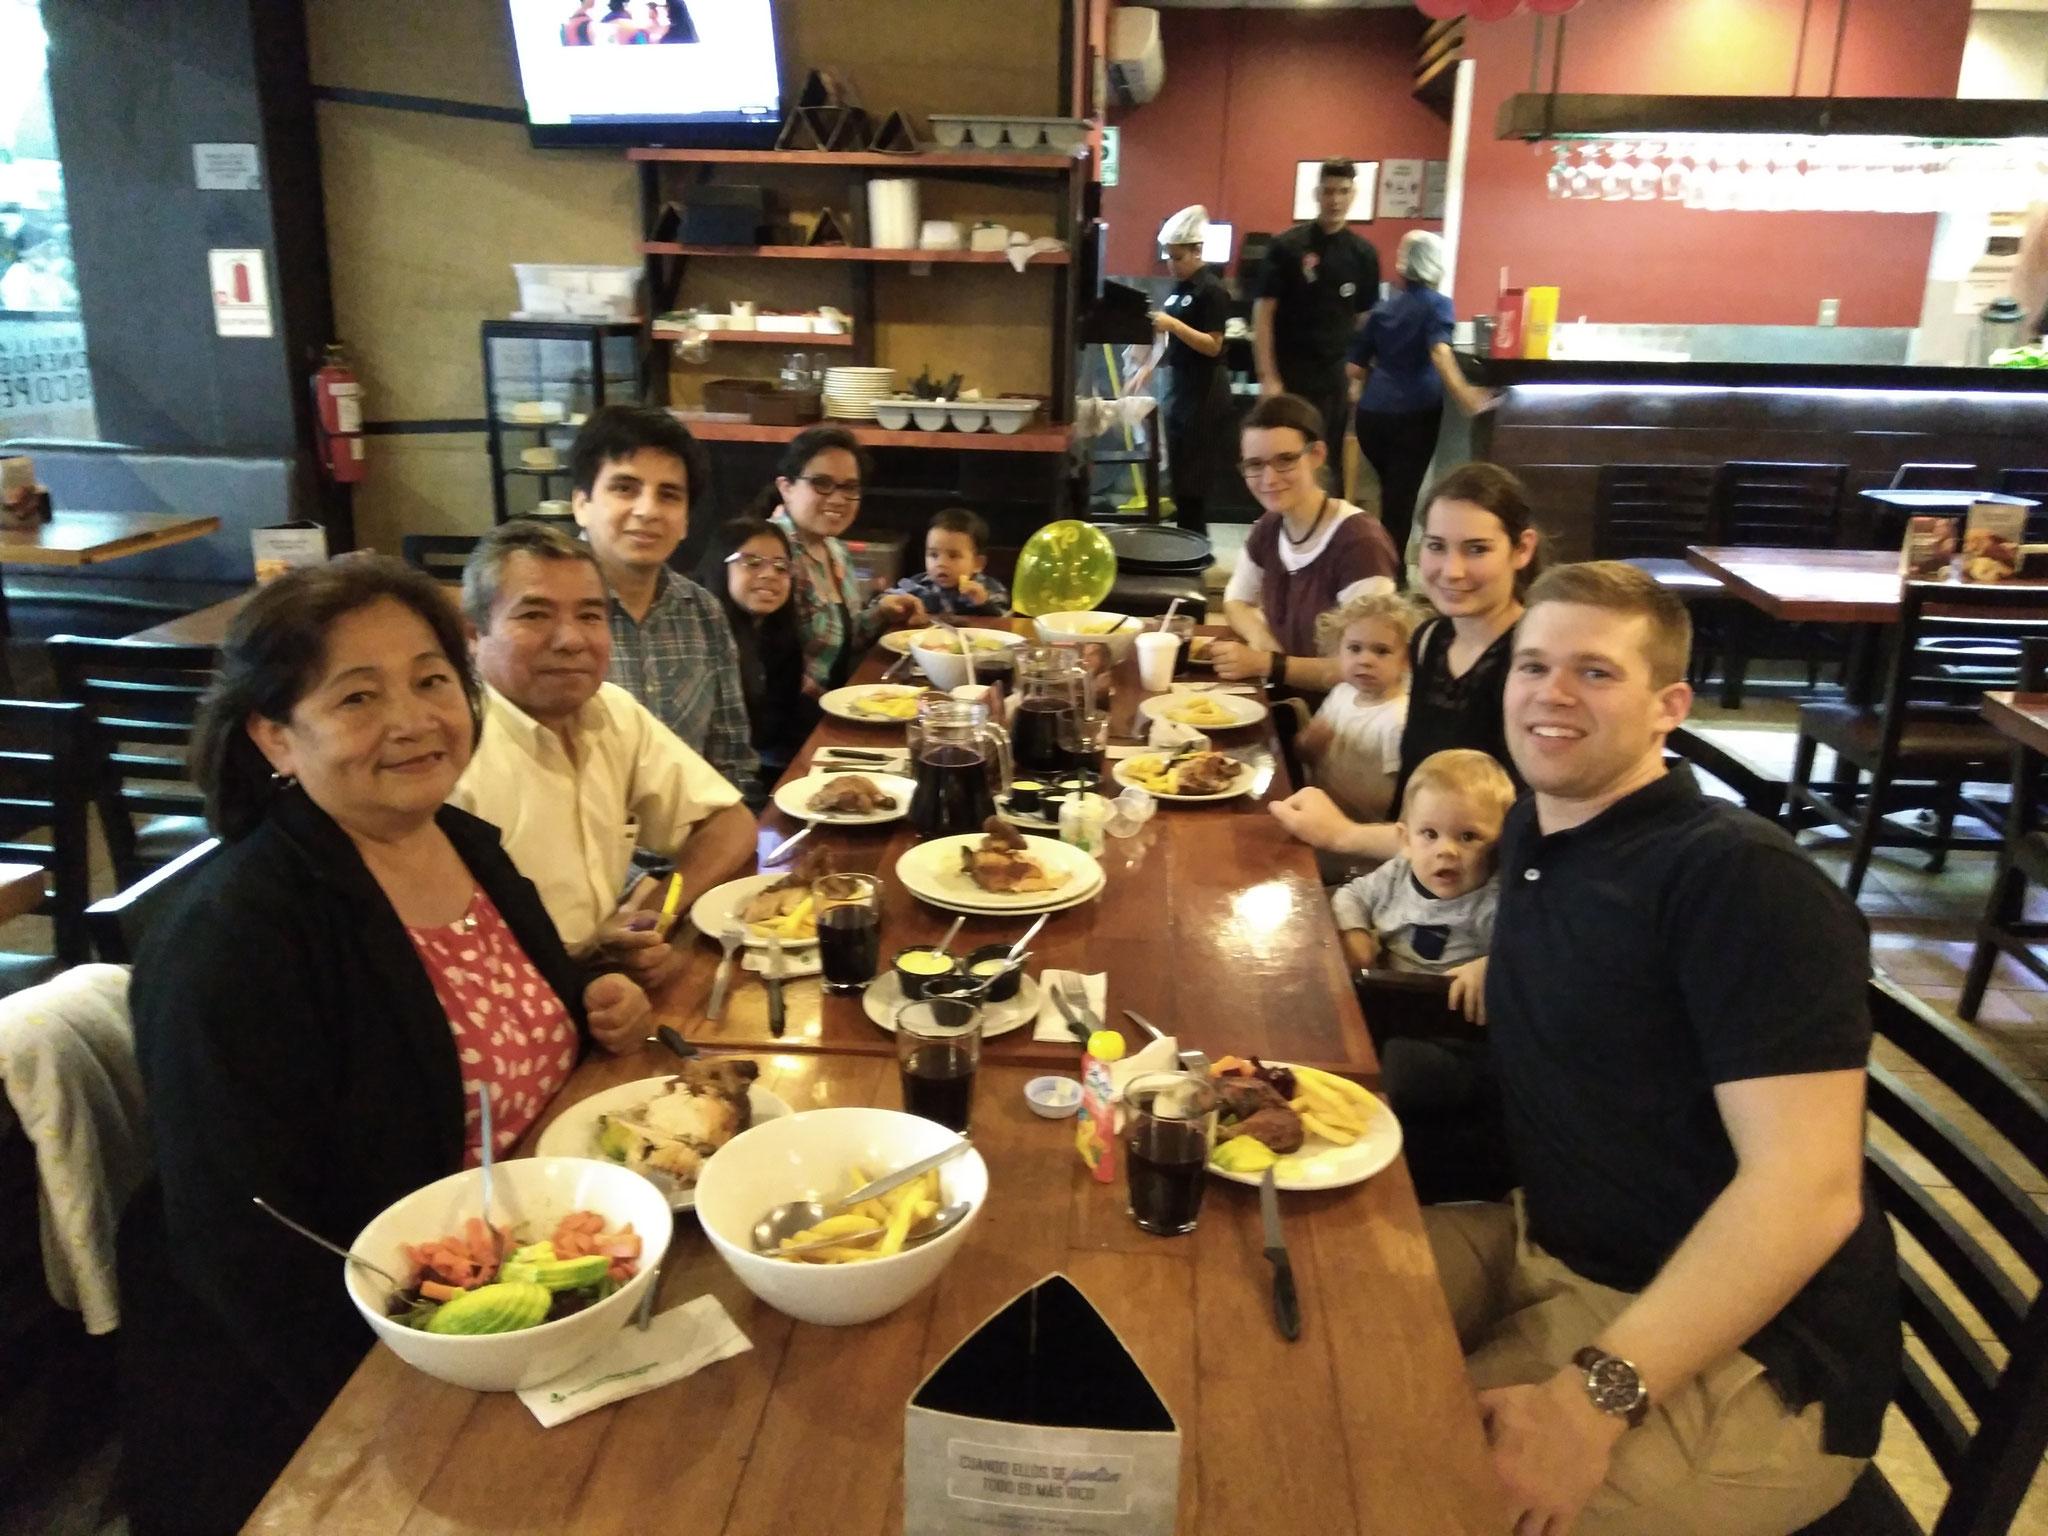 Wir hatten einen wunscherschönen Abend mit der Familie unseres peruanischen Freundes Jhino aus Wrist.